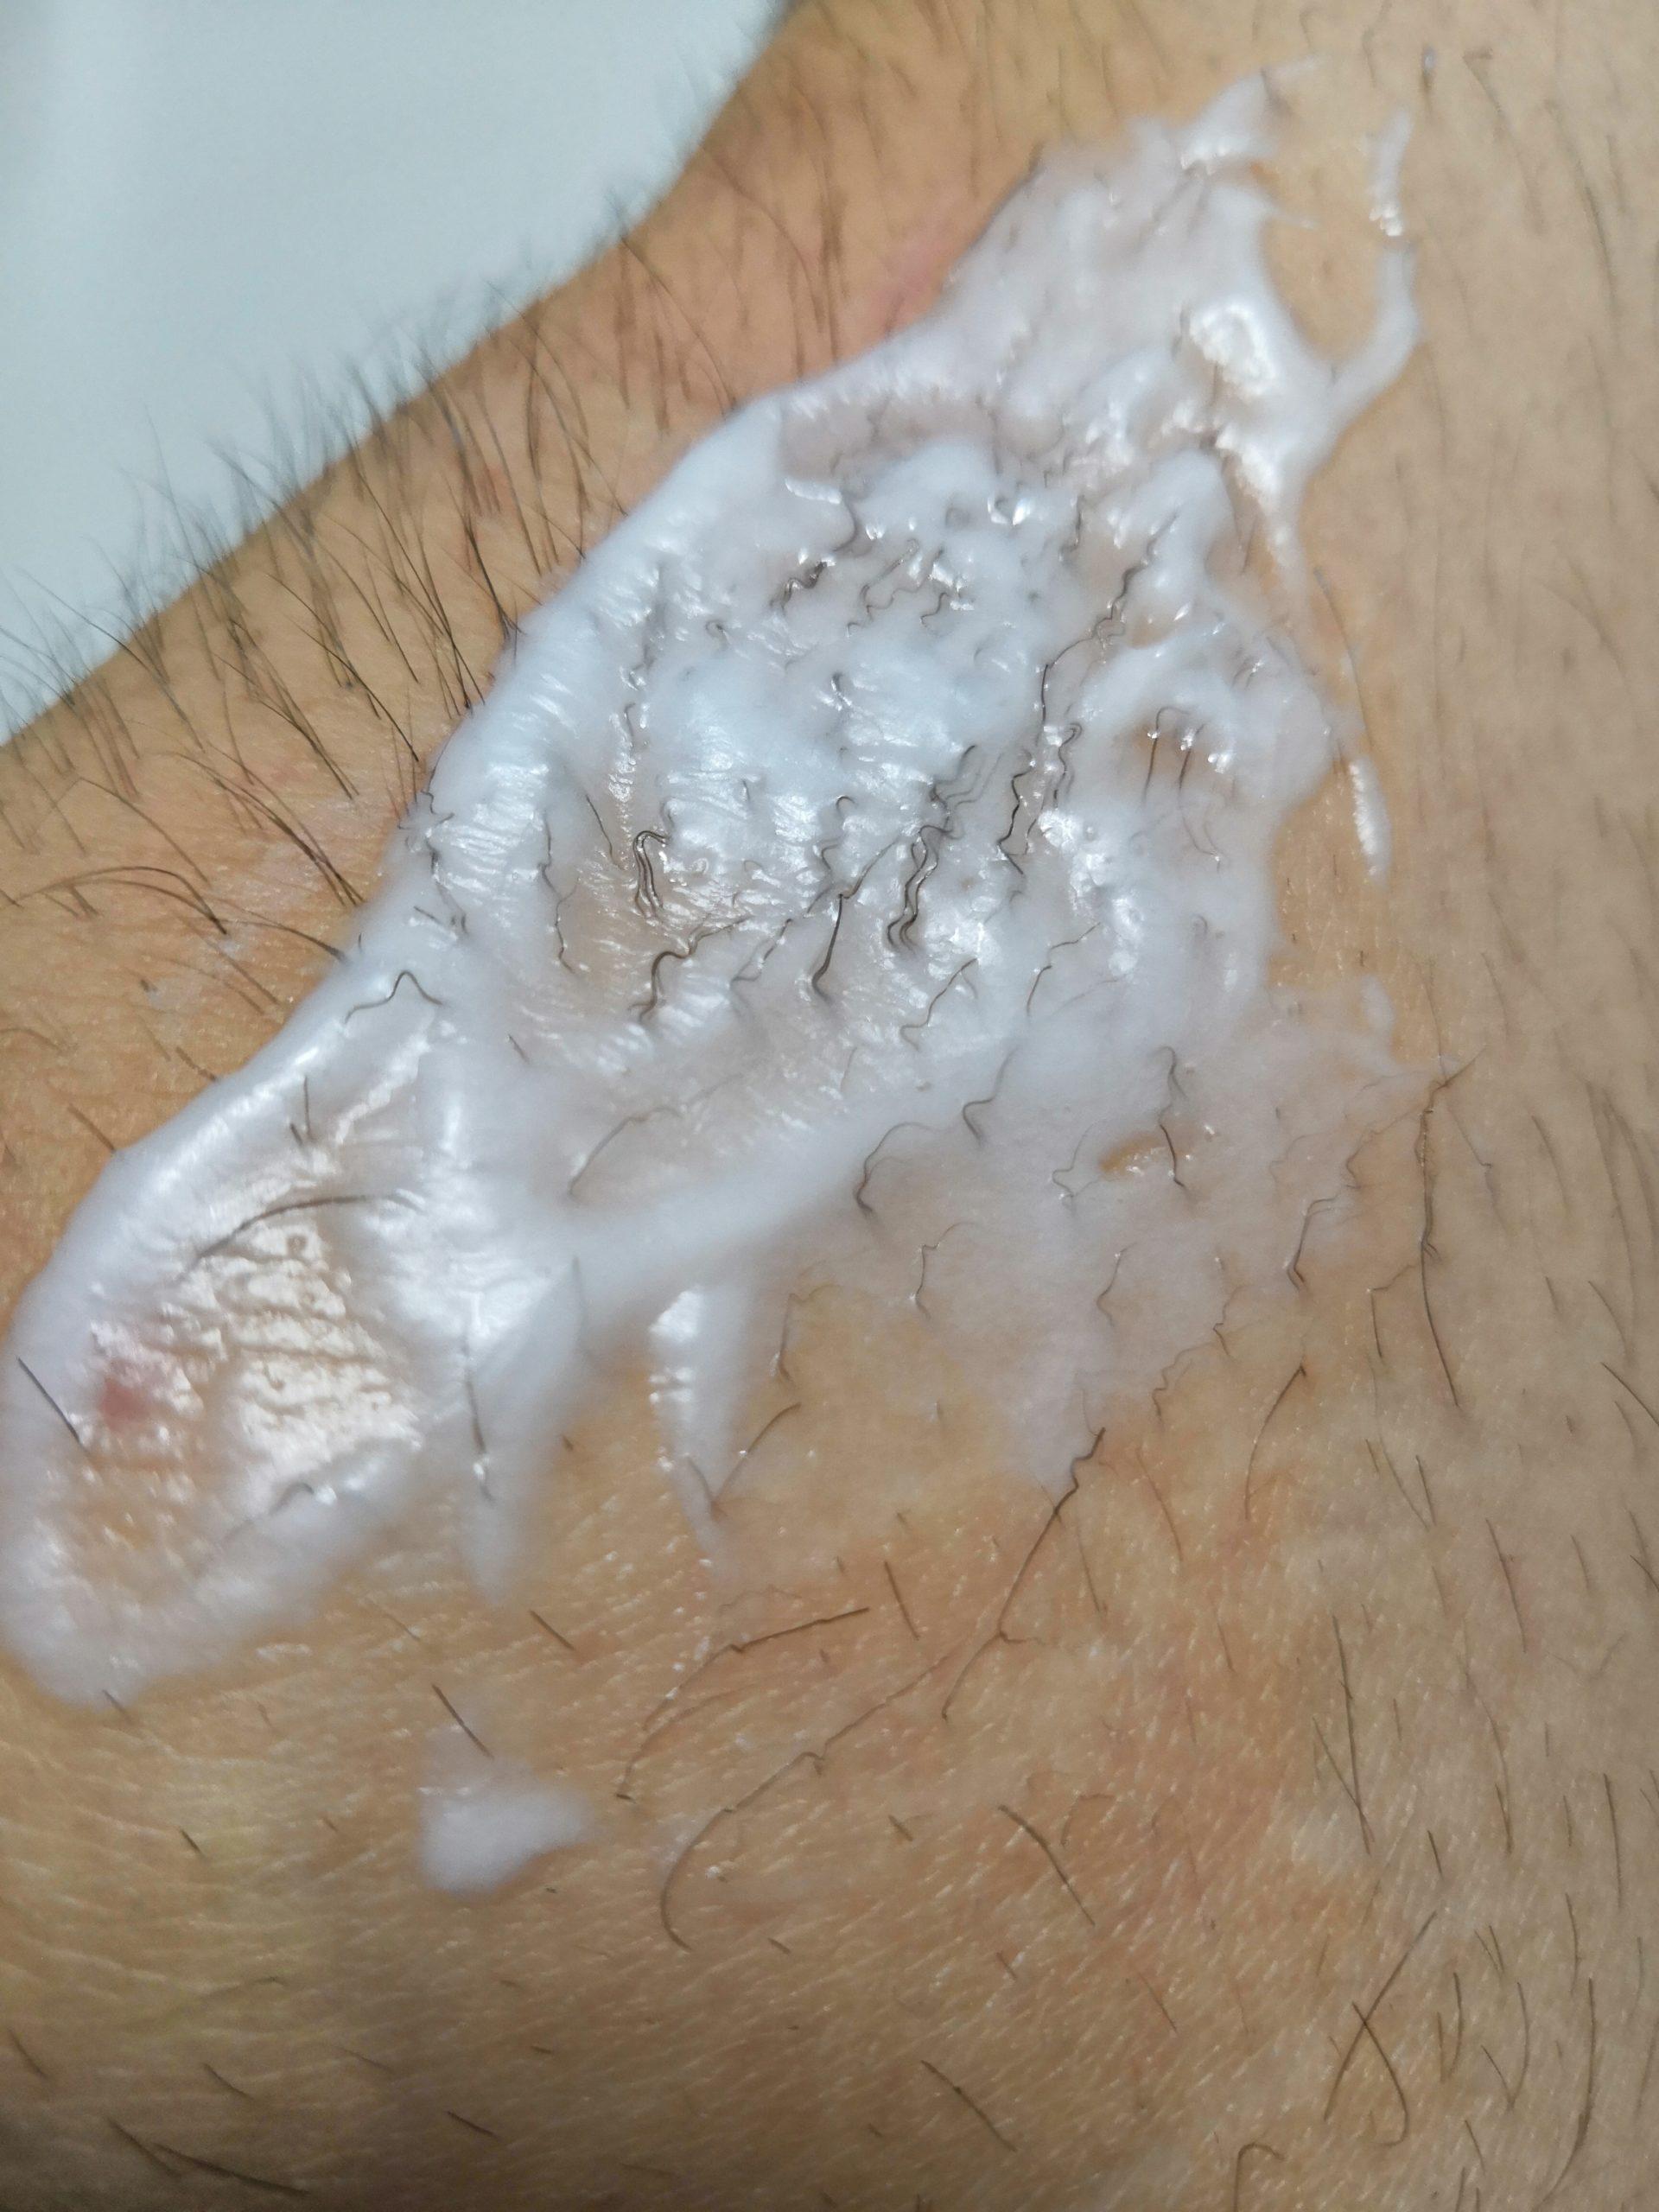 体毛が濃い男性の膝にちゅらりもを塗って数分後毛が縮れている様子